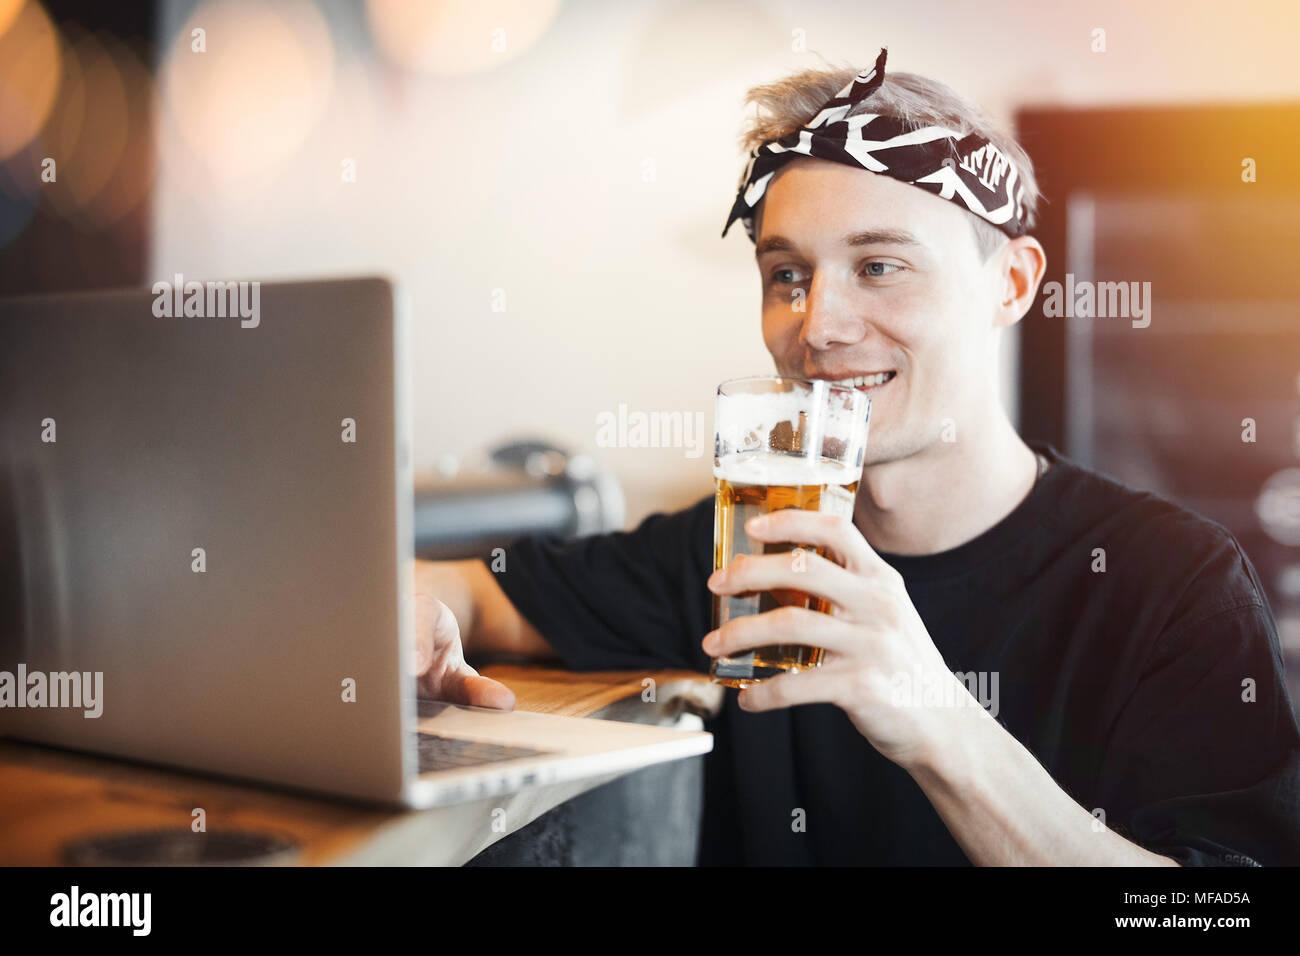 Junge lächelnde Mann hält ein Glas Bier und Arbeiten am Laptop. Stockbild